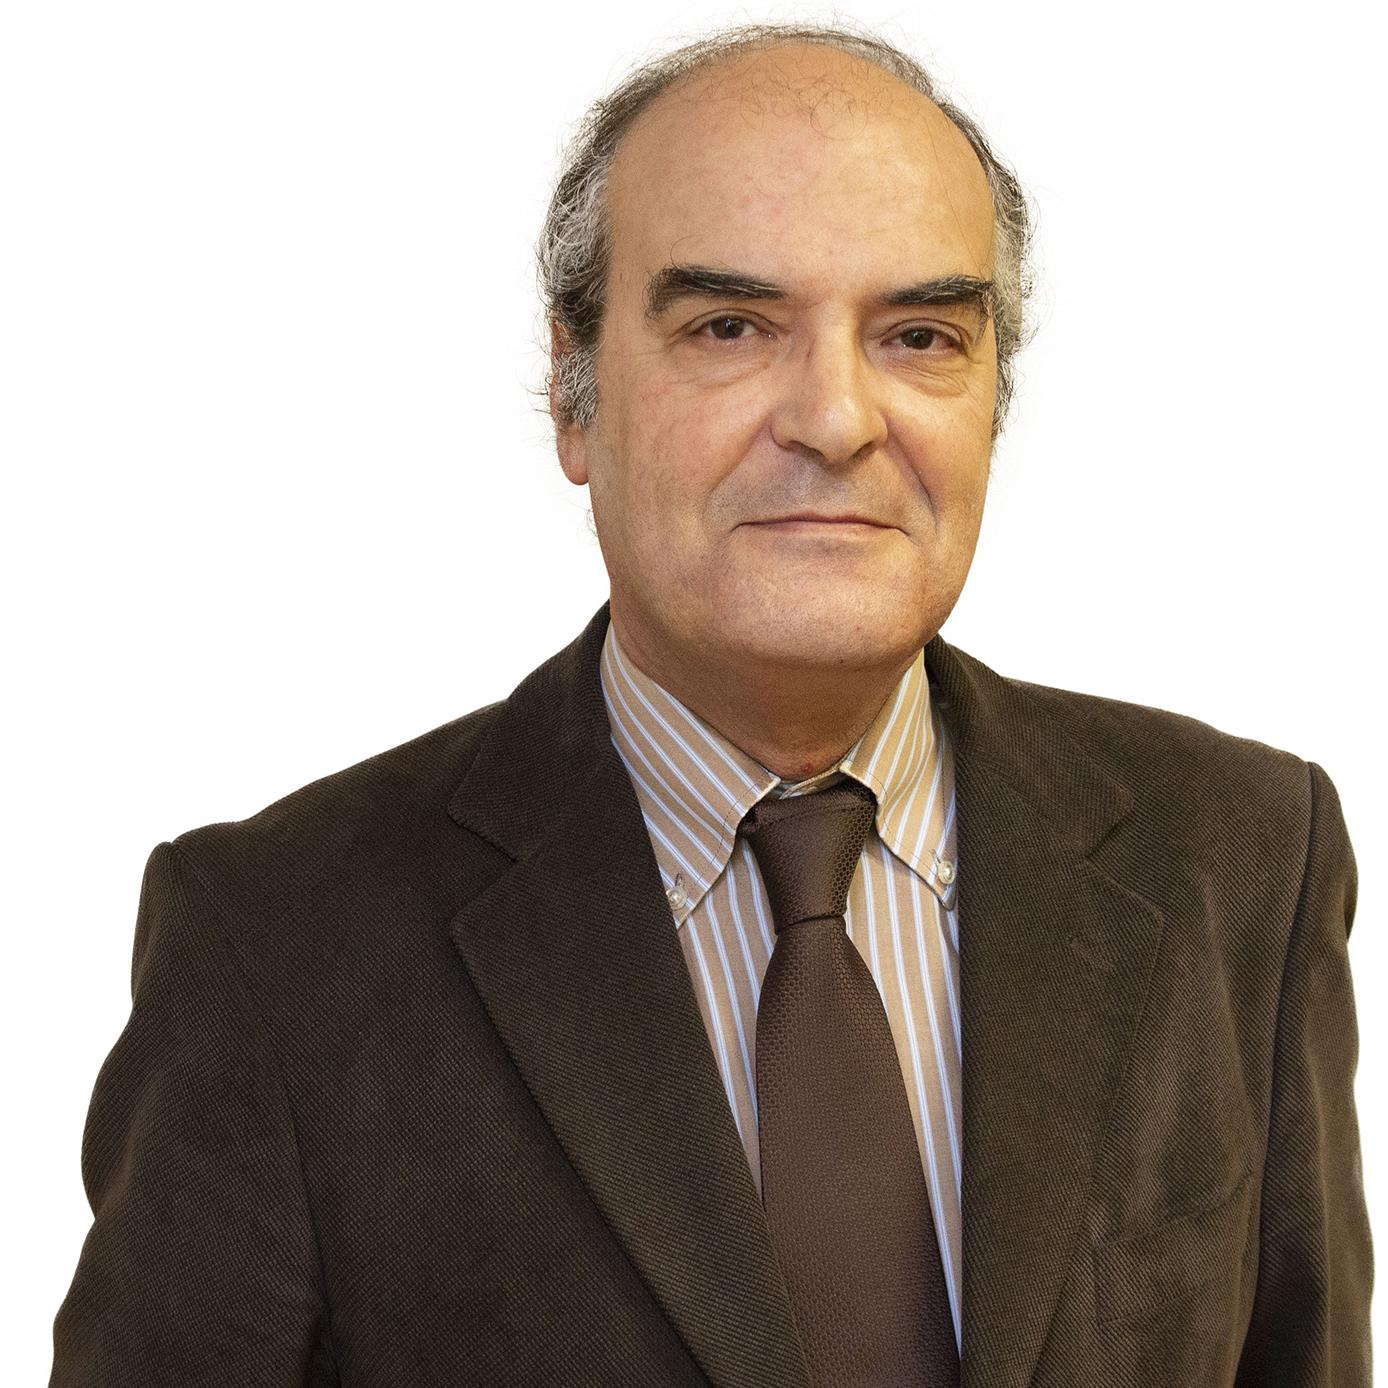 Carlos Abreu